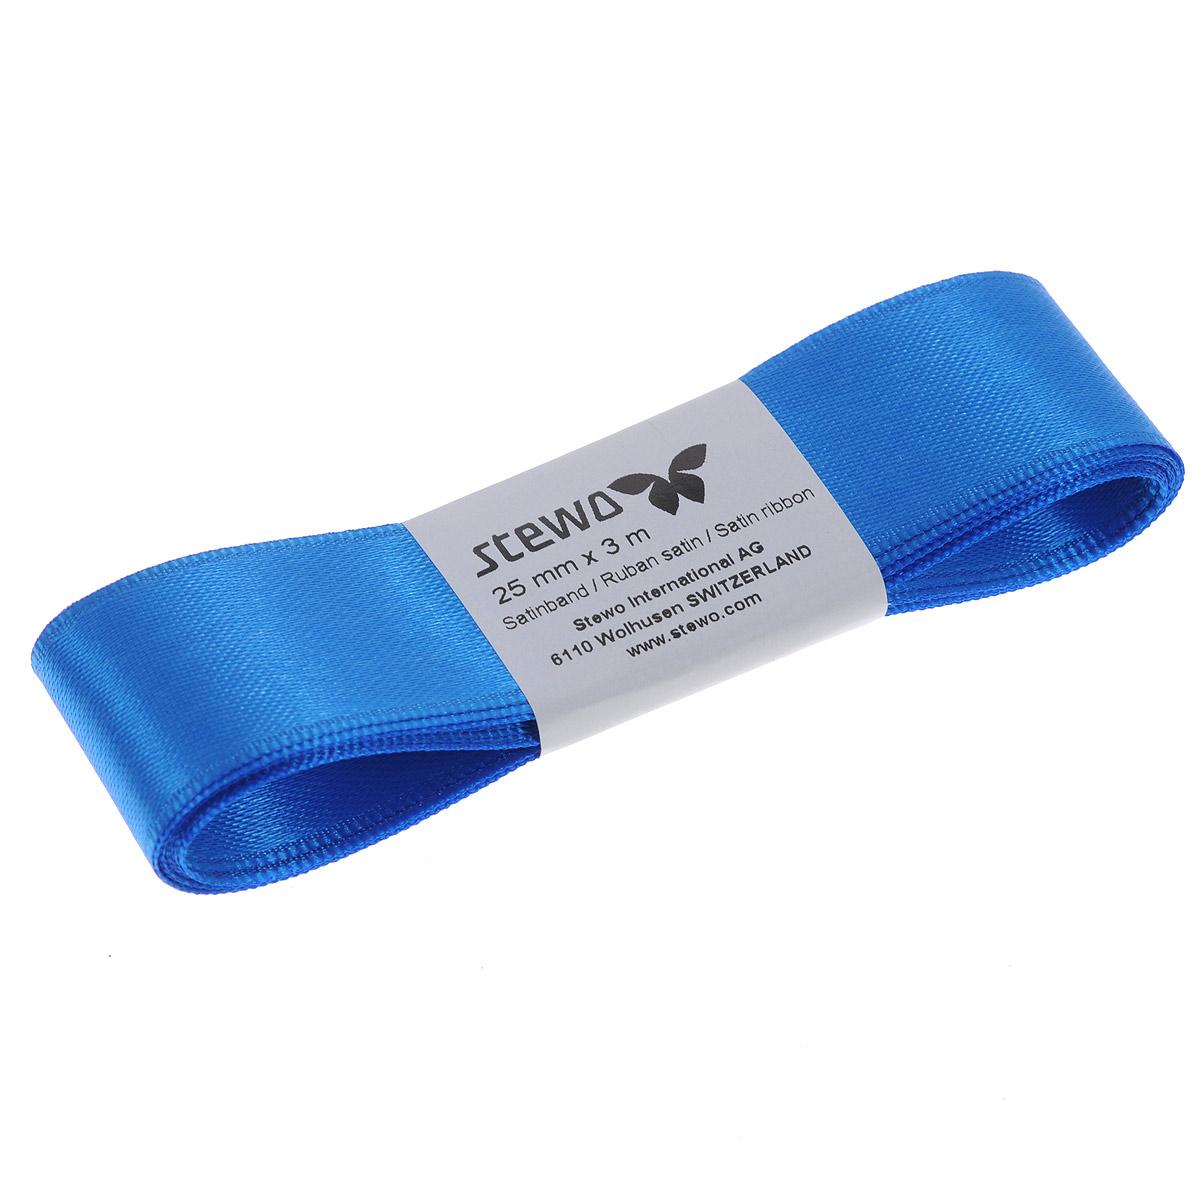 Лента атласная Brunnen, цвет: синий, ширина 2,5 см, длина 3 мRSP-202SЛента Brunnen изготовлена из атласа. Область применения атласной ленты весьма широка. Лента предназначена для оформления цветочных букетов, подарочных коробок, пакетов. Кроме того, она с успехом применяется для художественного оформления витрин, праздничного оформления помещений, изготовления искусственных цветов. Ее также можно использовать для творчества в различных техниках, таких как скрапбукинг, оформление аппликаций, для украшения фотоальбомов, подарков, конвертов, фоторамок, открыток и т.д.Ширина ленты: 2,5 см.Длина ленты: 3 м.